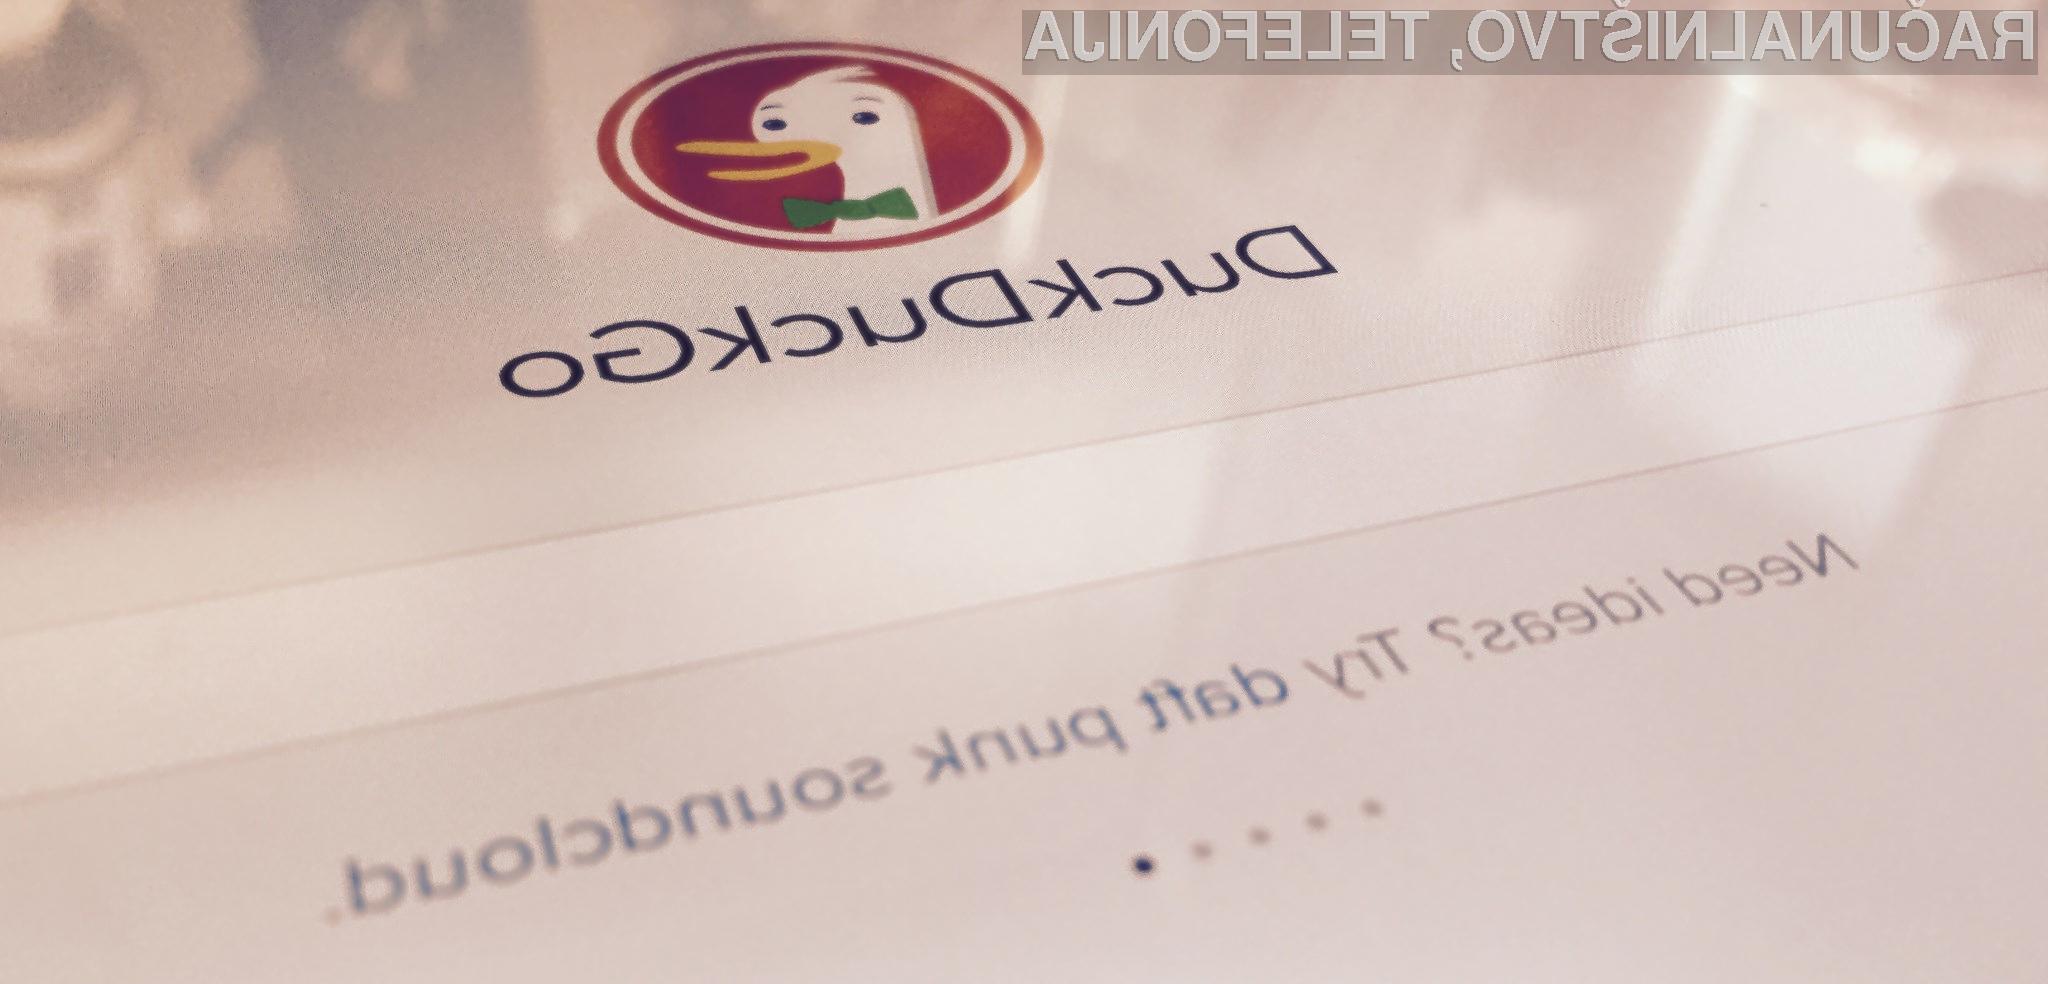 Spletni iskalnik DuckDuckGo je priljubljen predvsem na račun zagotavljanja zasebnosti!